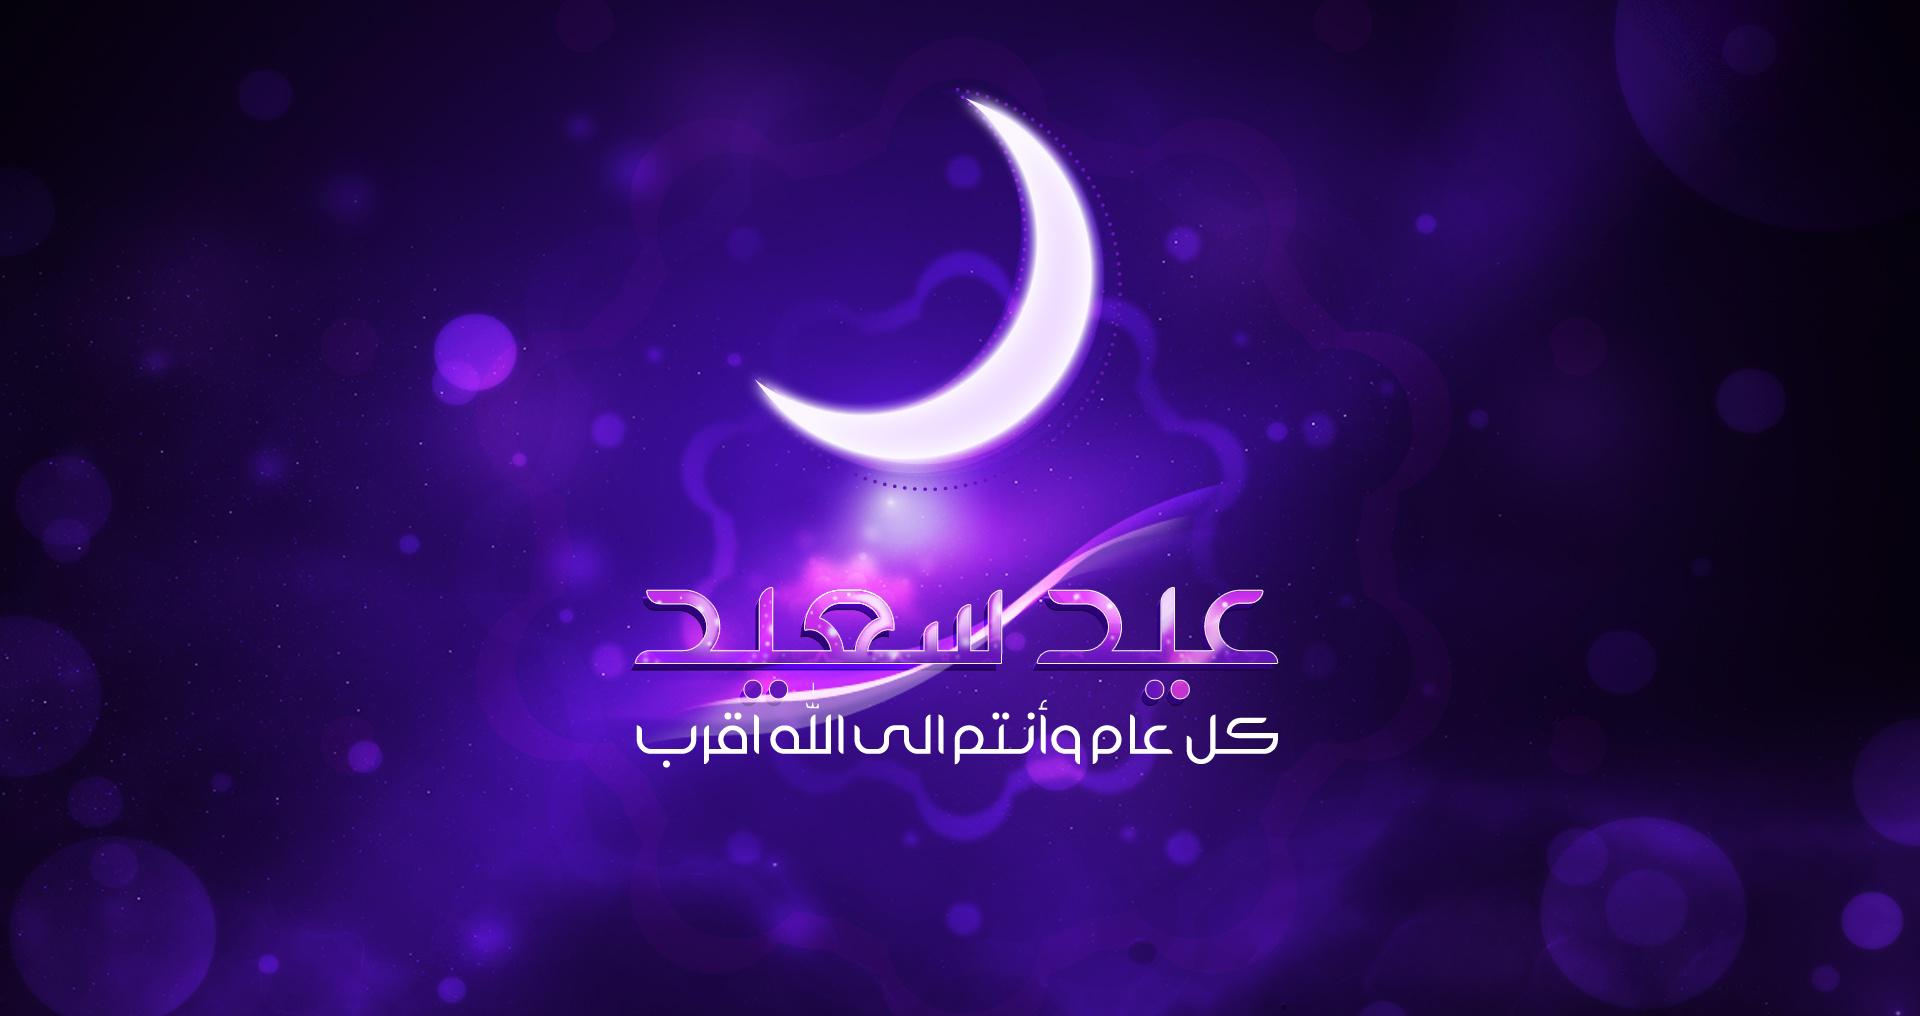 صور صور تهنئة بالعيد الفطر , بطاقات مباركه بعيد الفطر